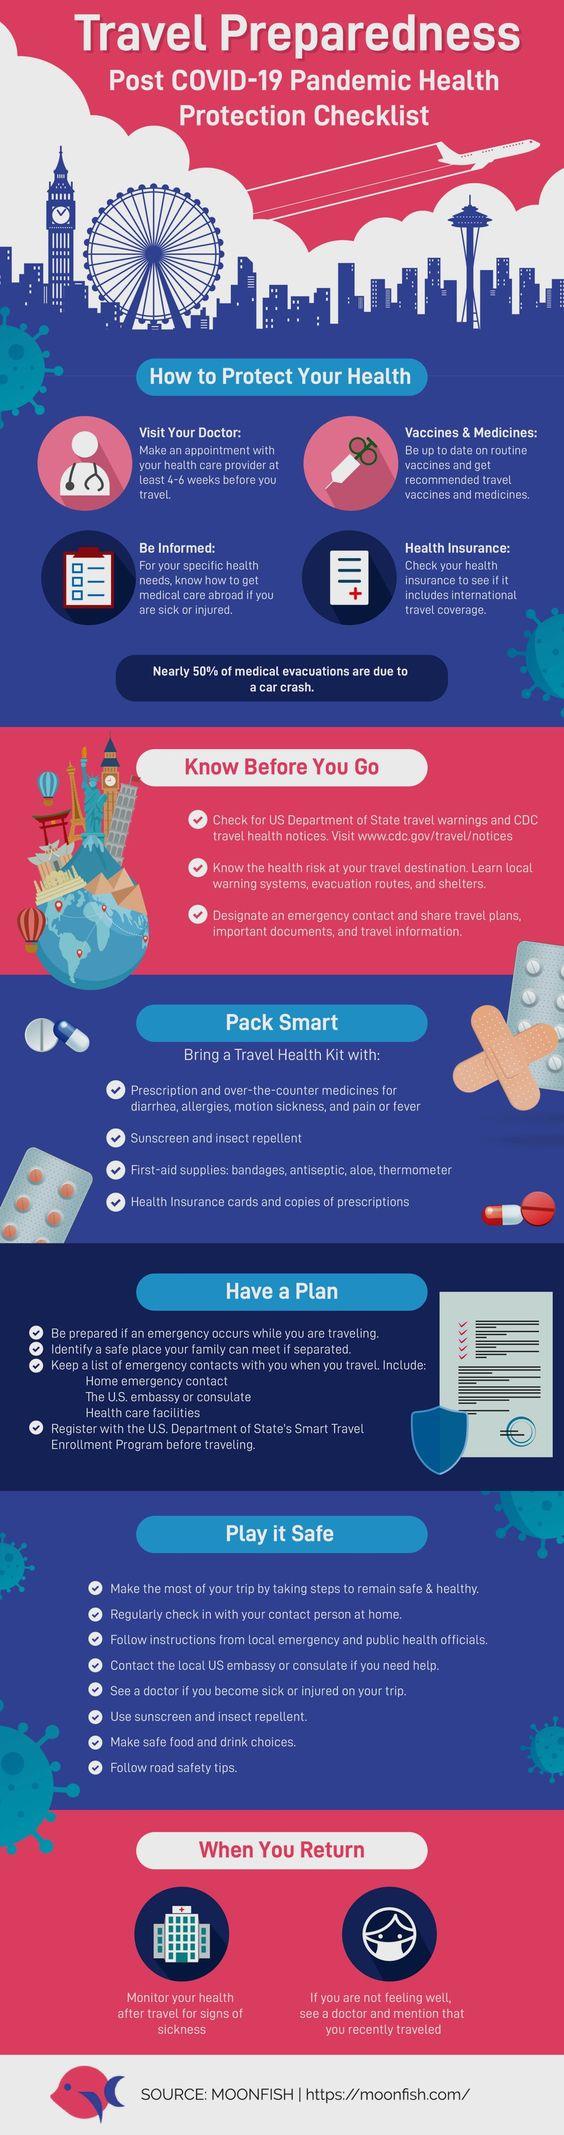 Travel Checklist Post COVID-19